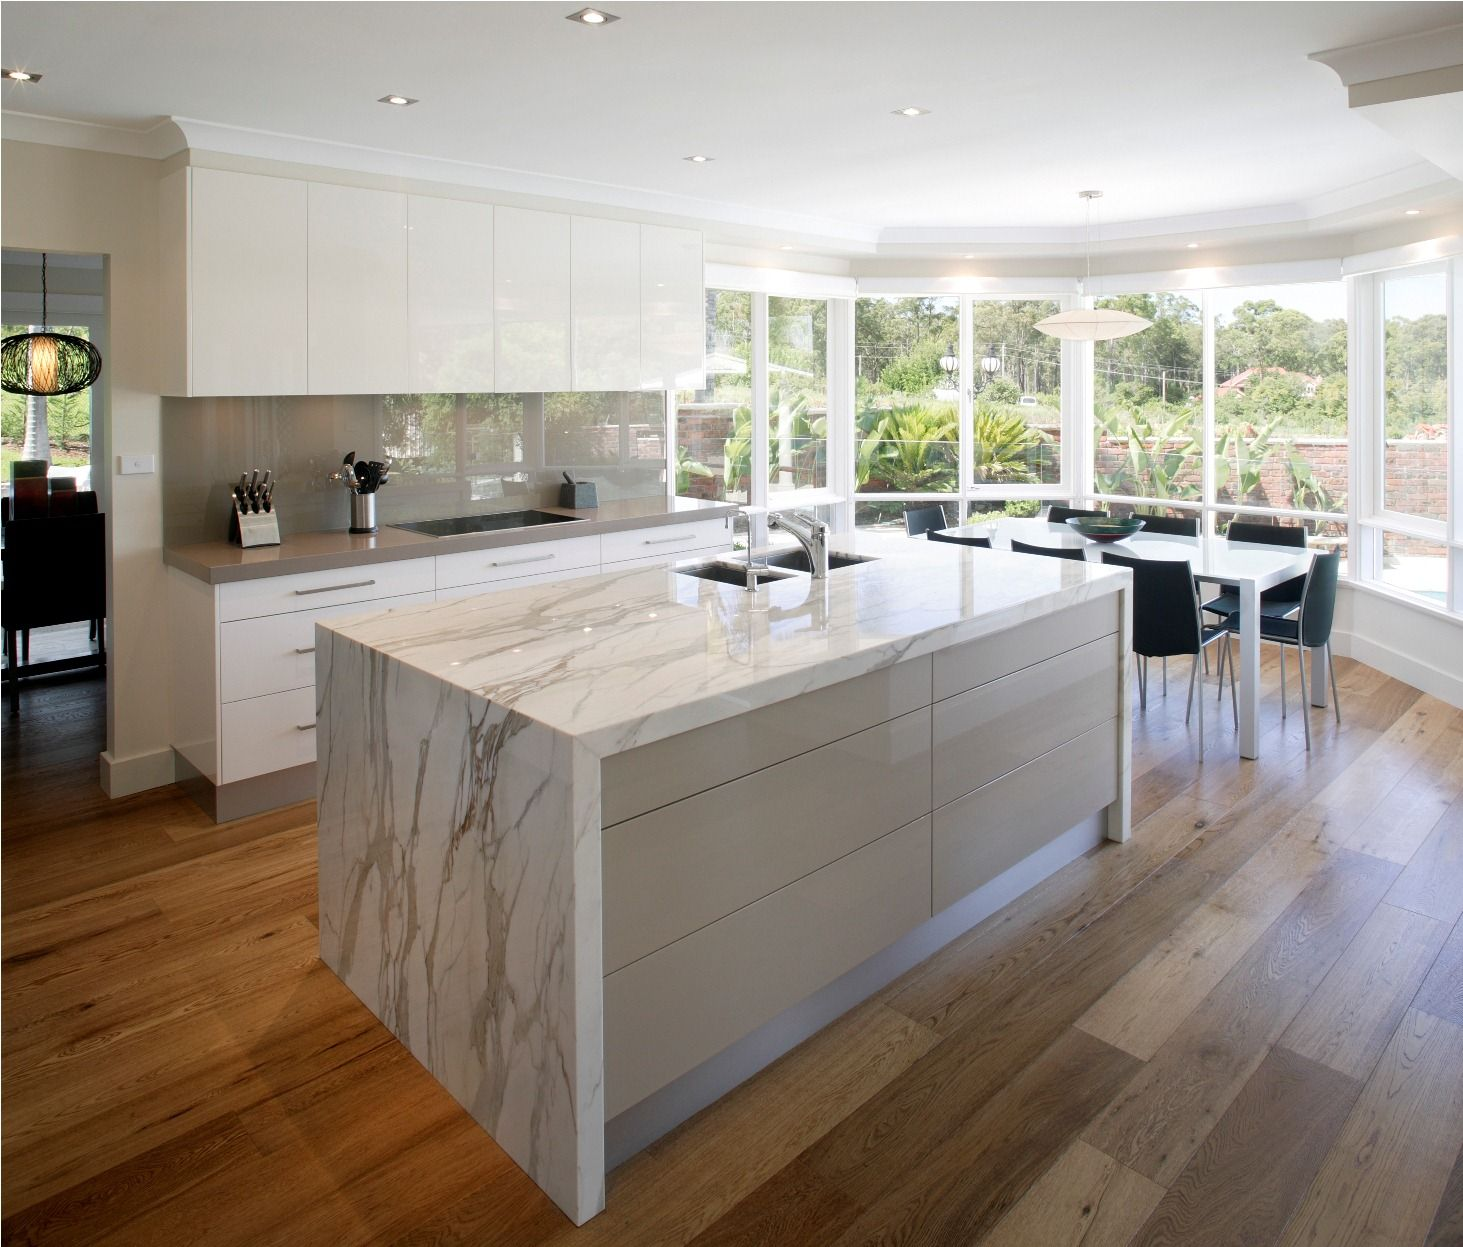 Delicieux Kitchen Cool Open Views Modern Kitchen Minimalist Design With .